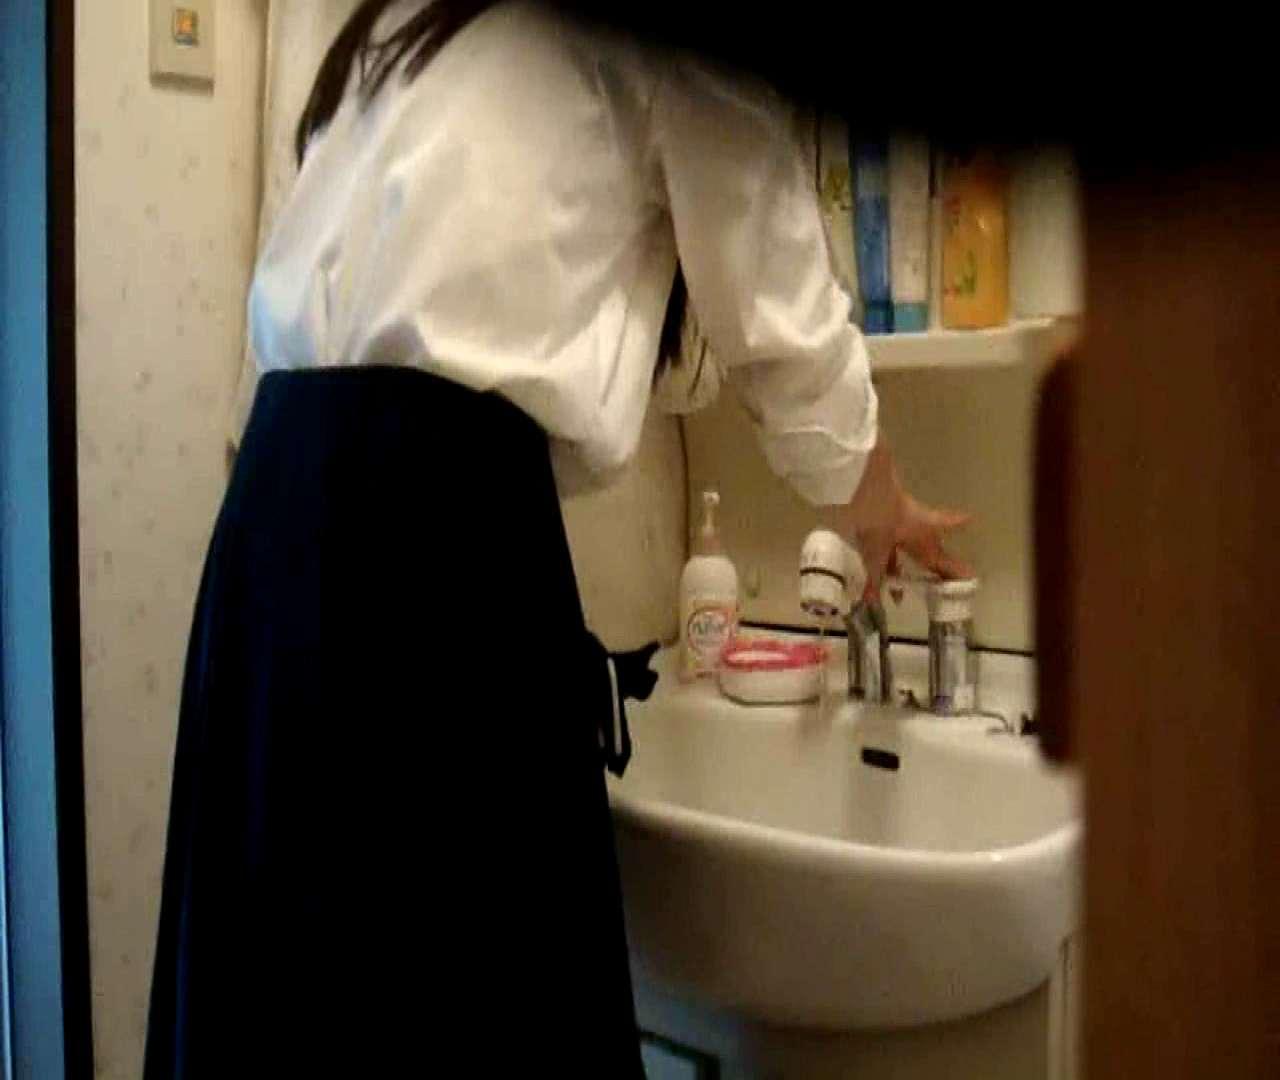 二人とも育てた甲斐がありました… vol.05 まどかが洗顔後にブラを洗濯 盗撮シリーズ | おまんこ見放題  79PIX 69